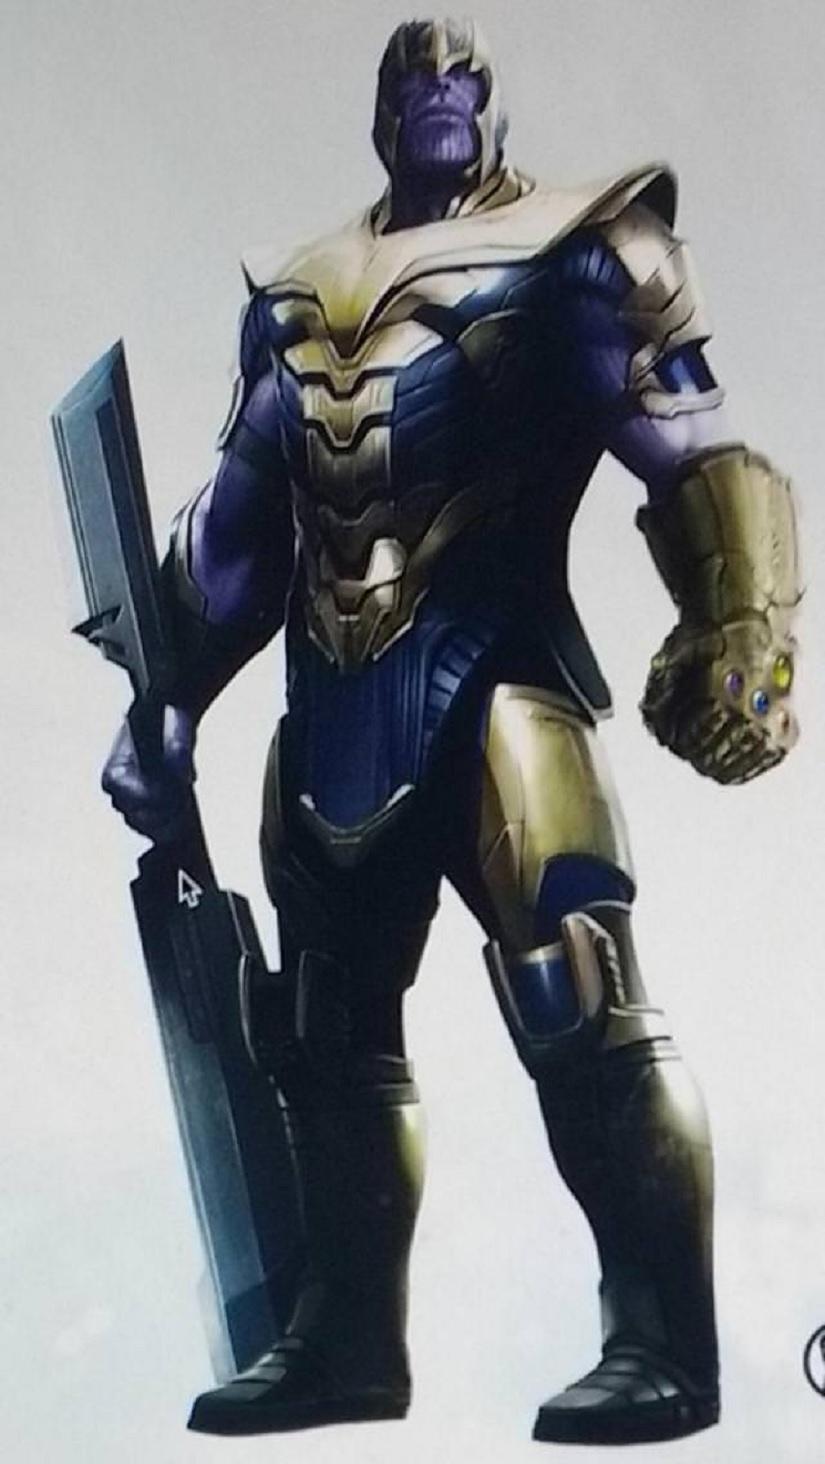 Avengers 4 concept art of Thanos. Image via Reddit